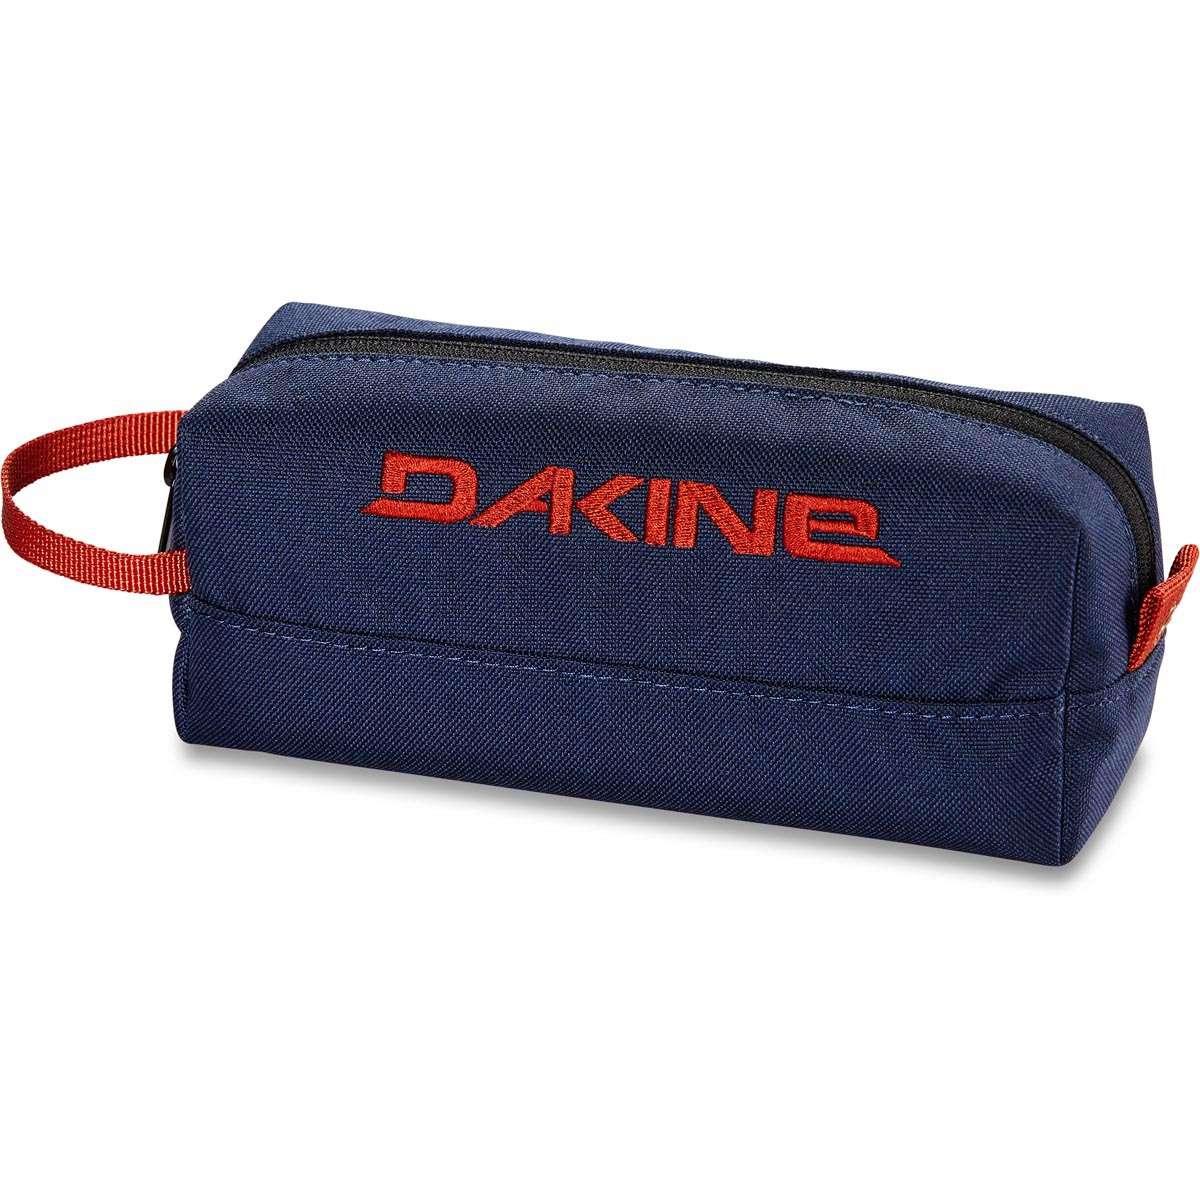 Trousse Dakine Accessory Case Kiki noir 5ccGckCH5